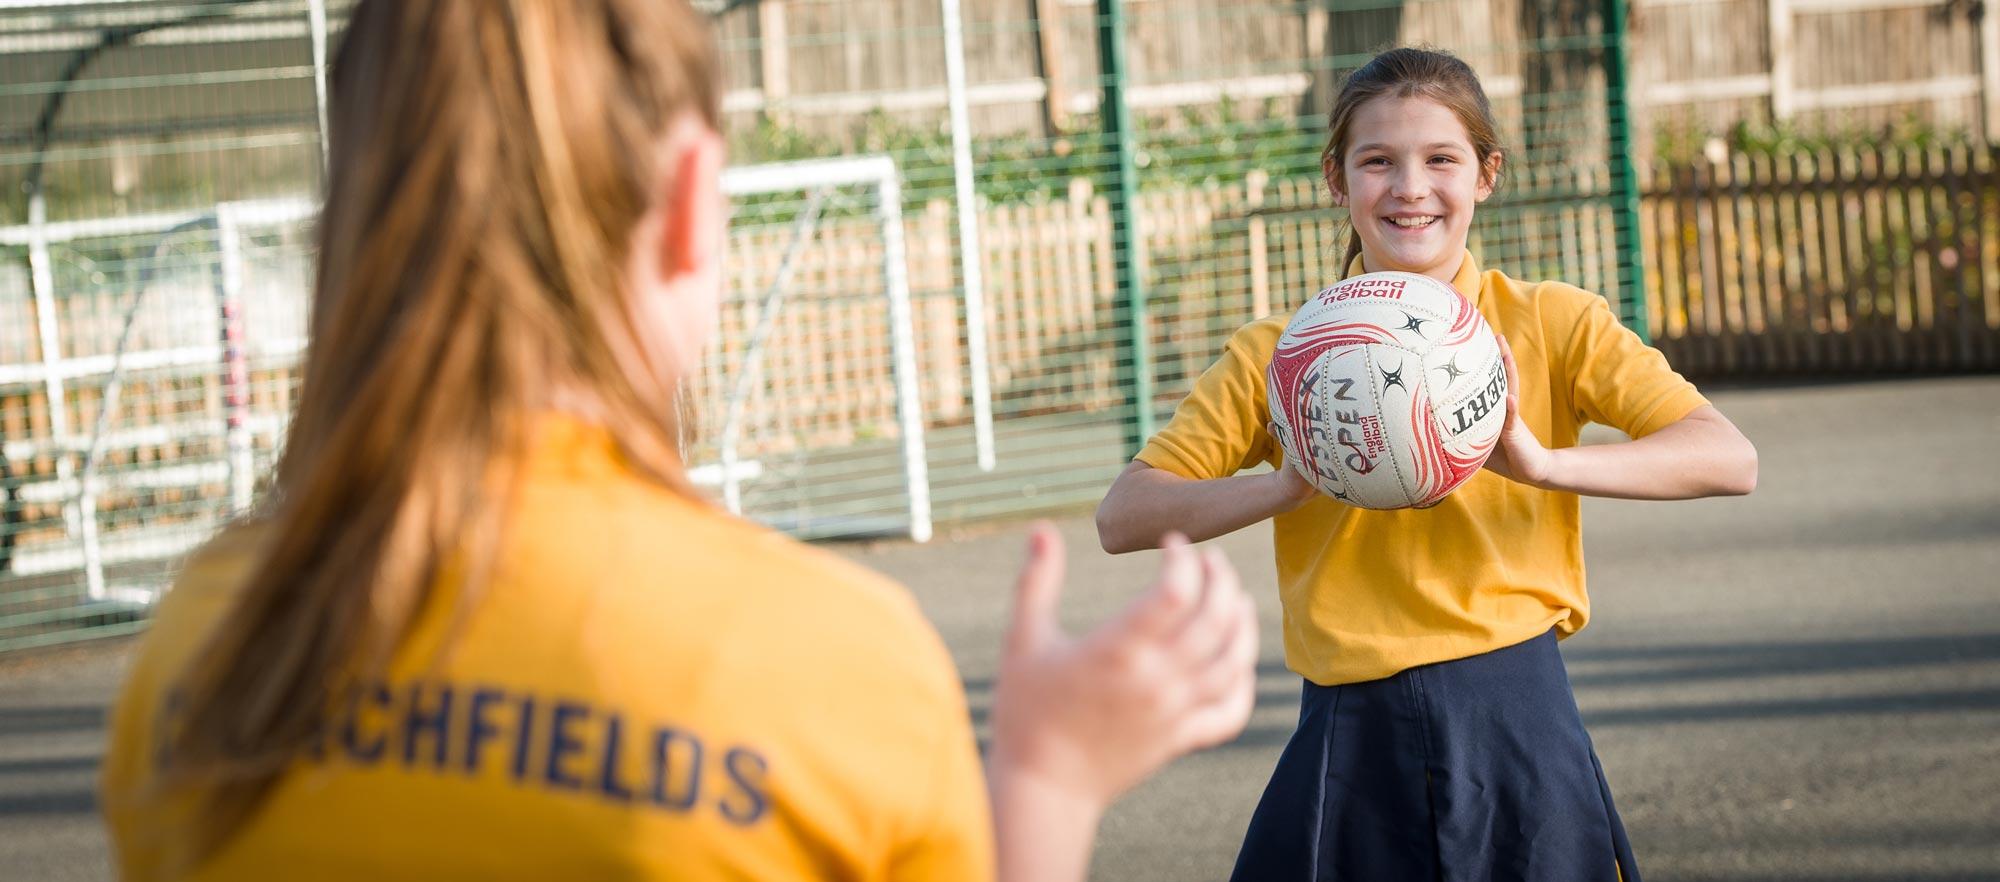 girl-throwing-ball